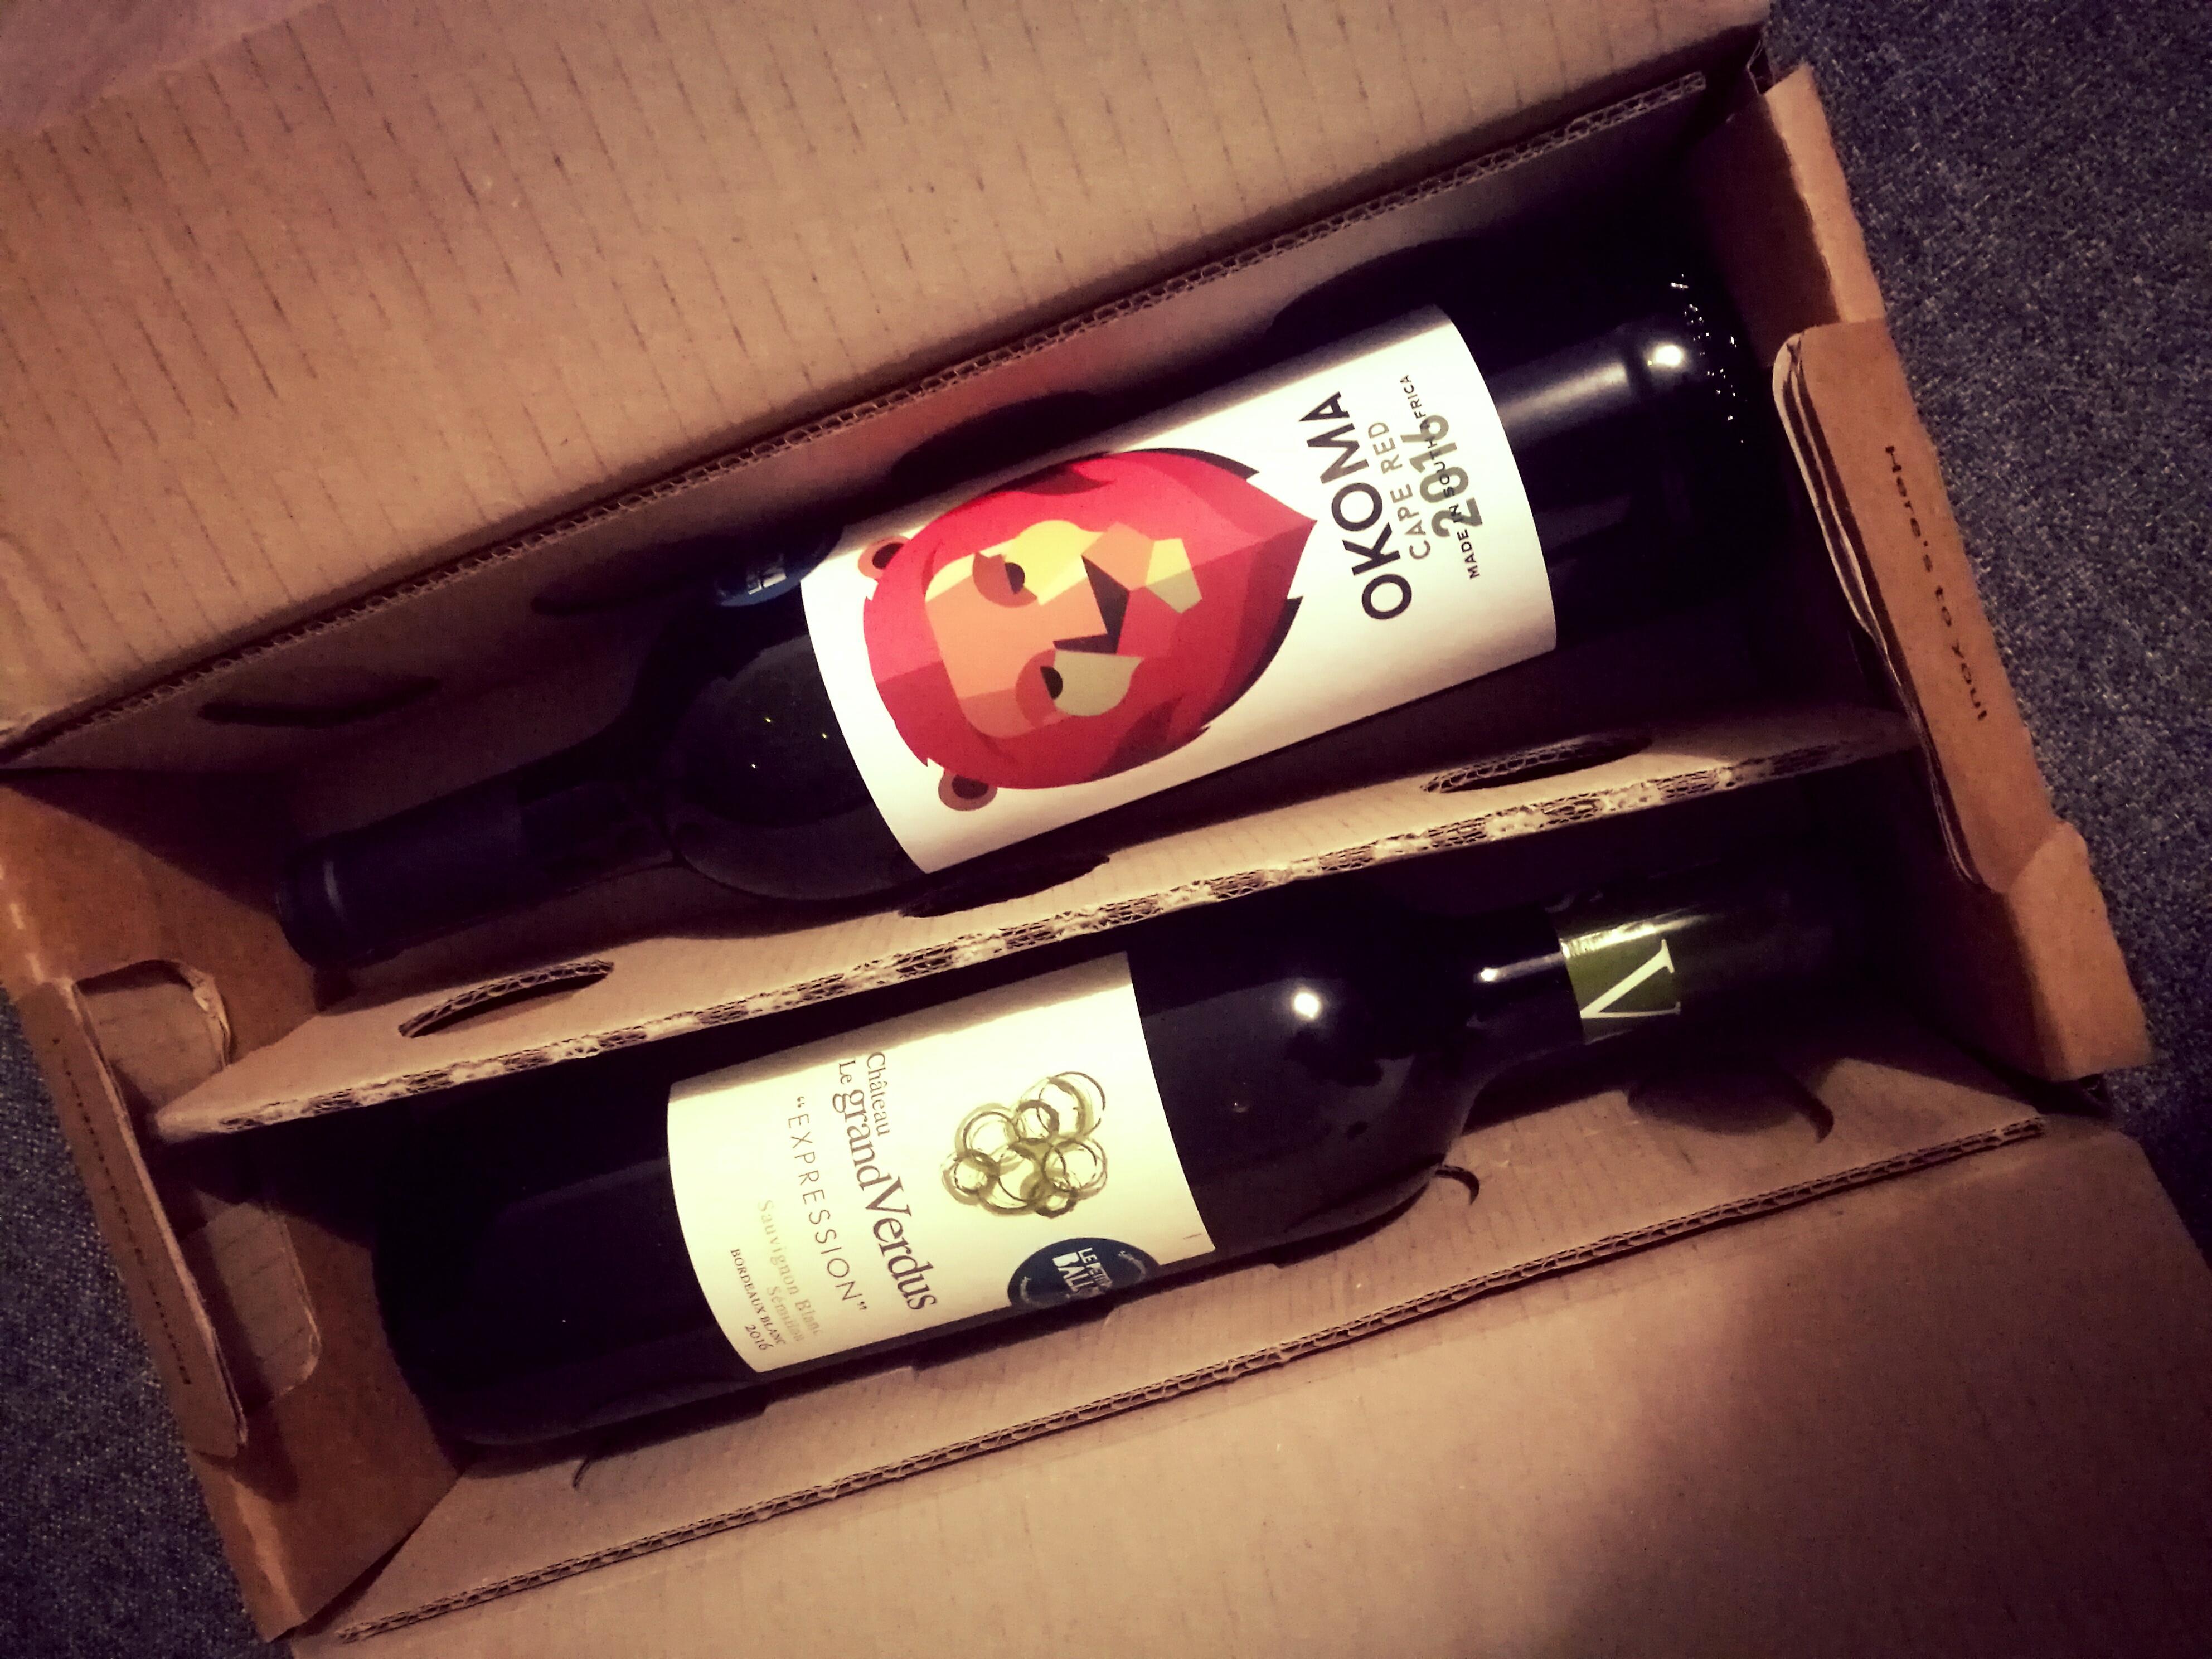 Le petit ballon - Découverte d'une boxe de vins